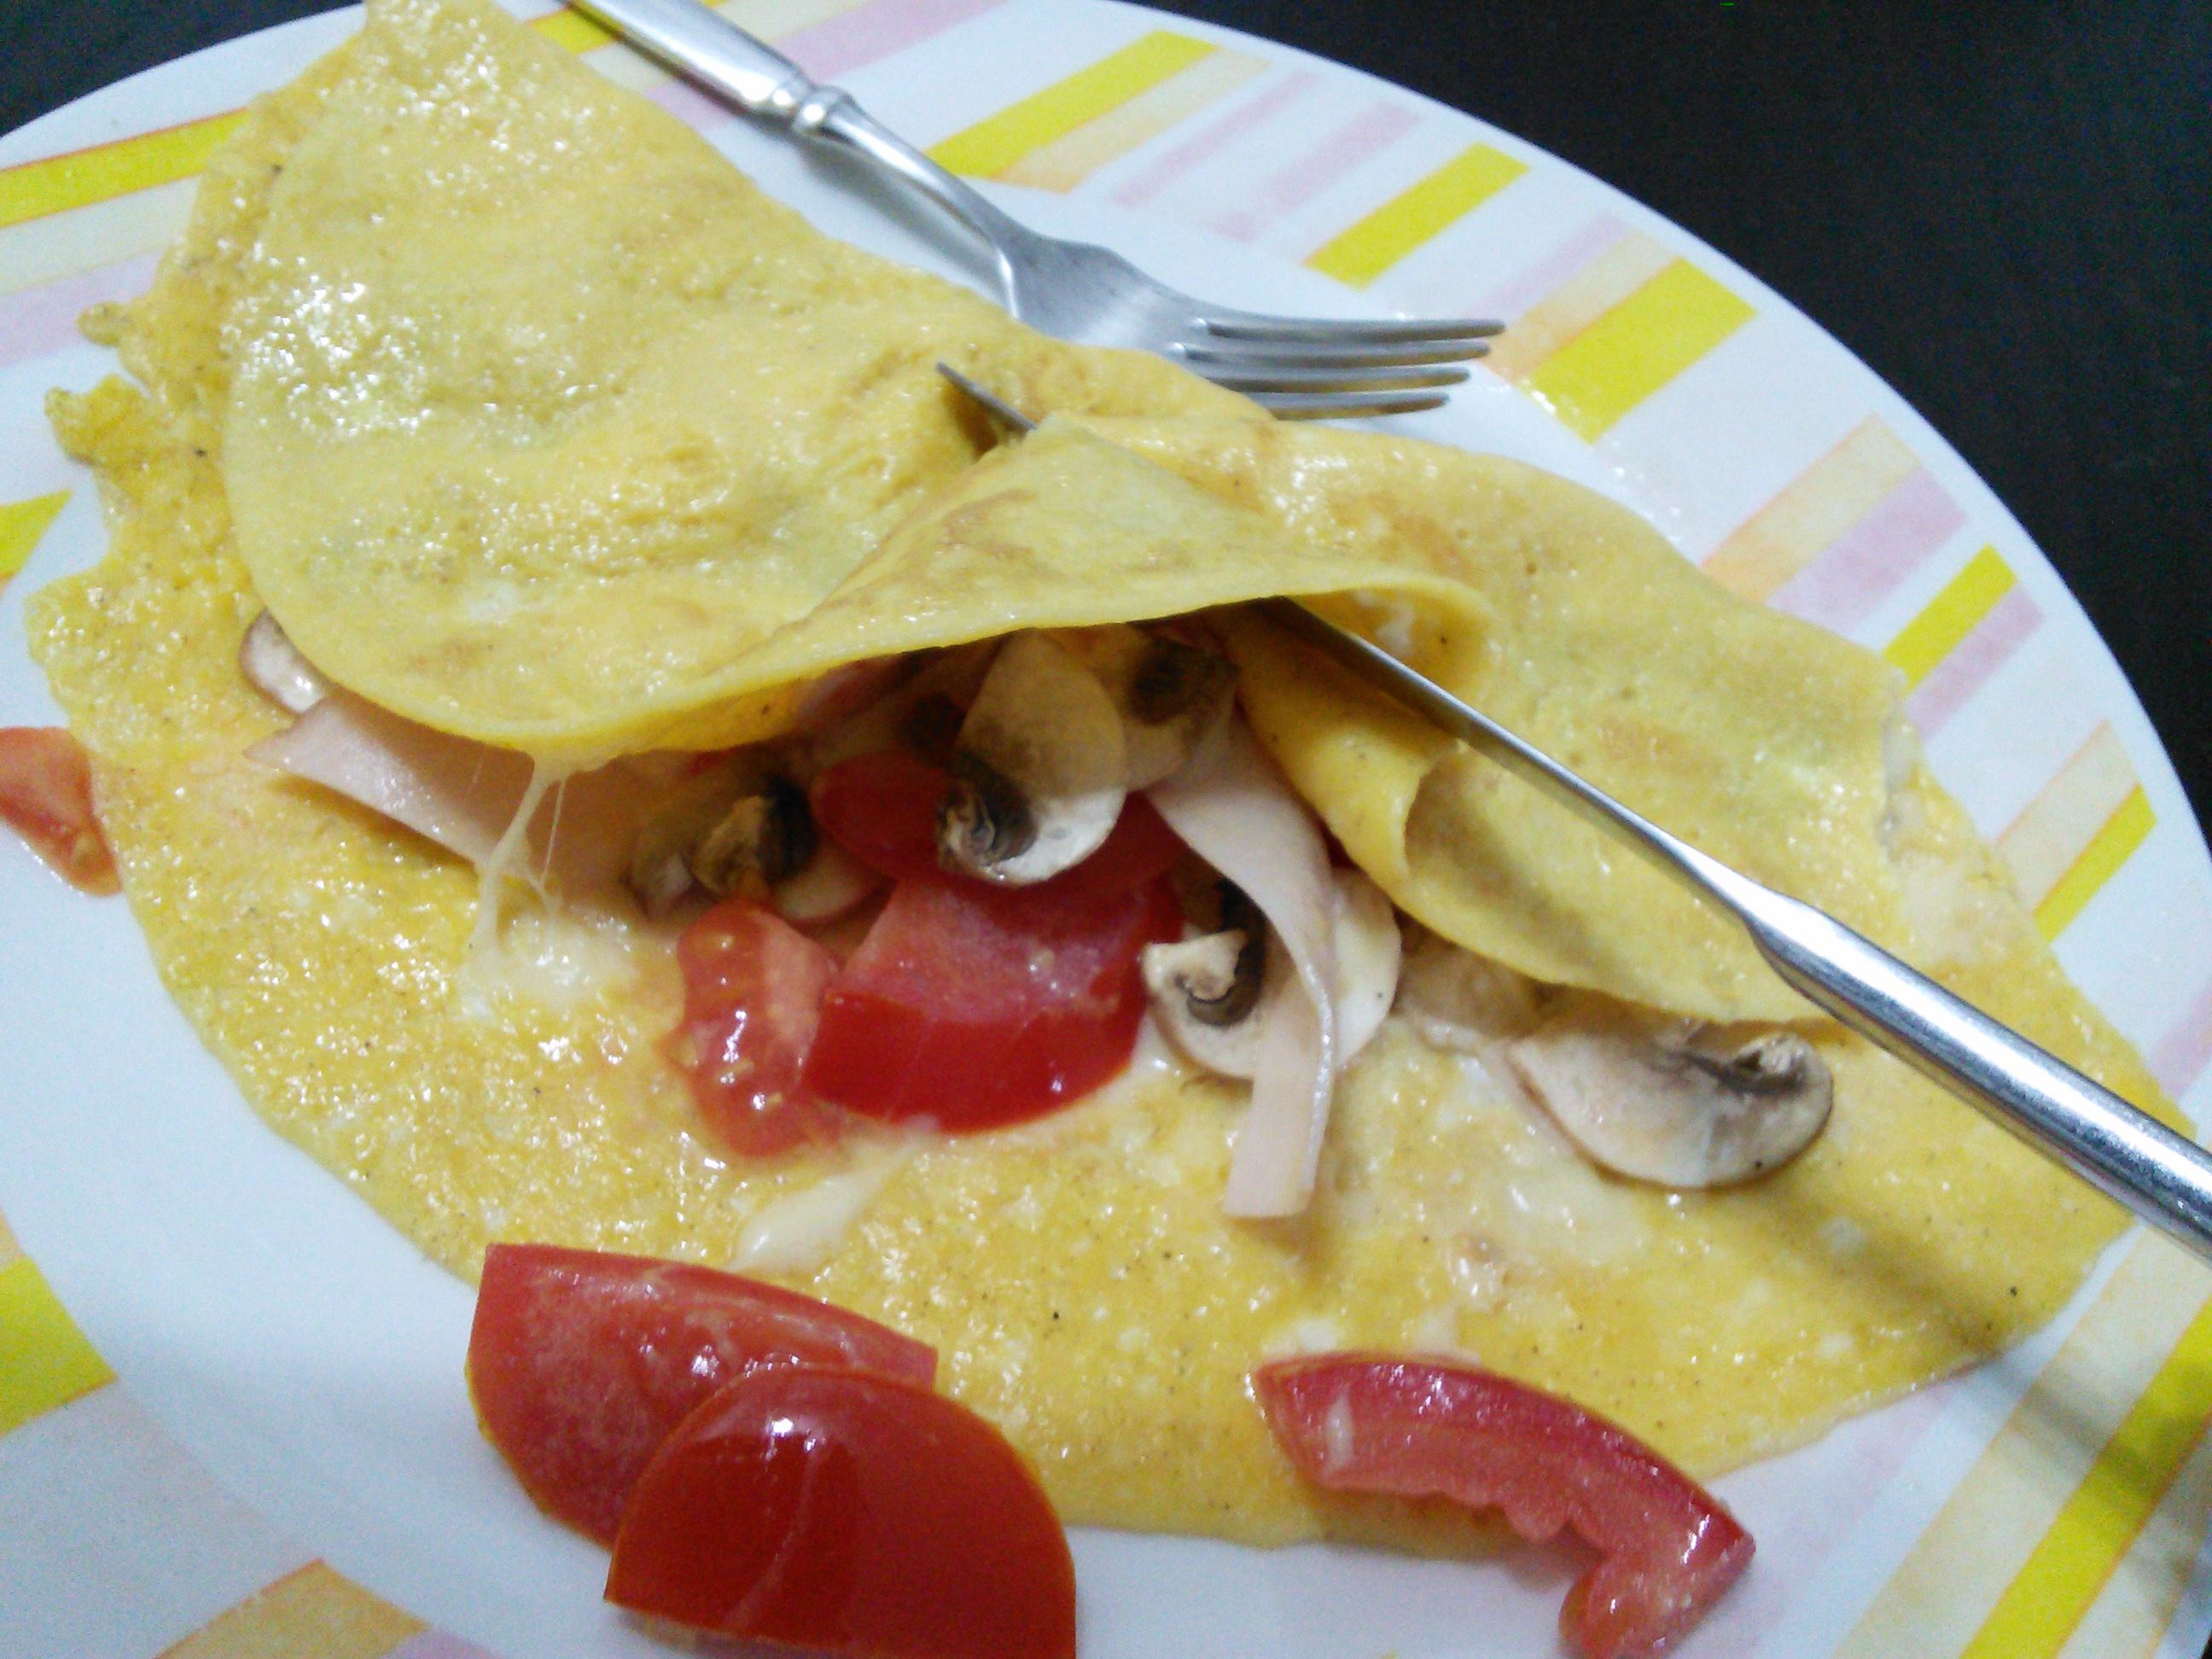 http://foodloader.net/kug_2014-07-17_Omelette.jpg